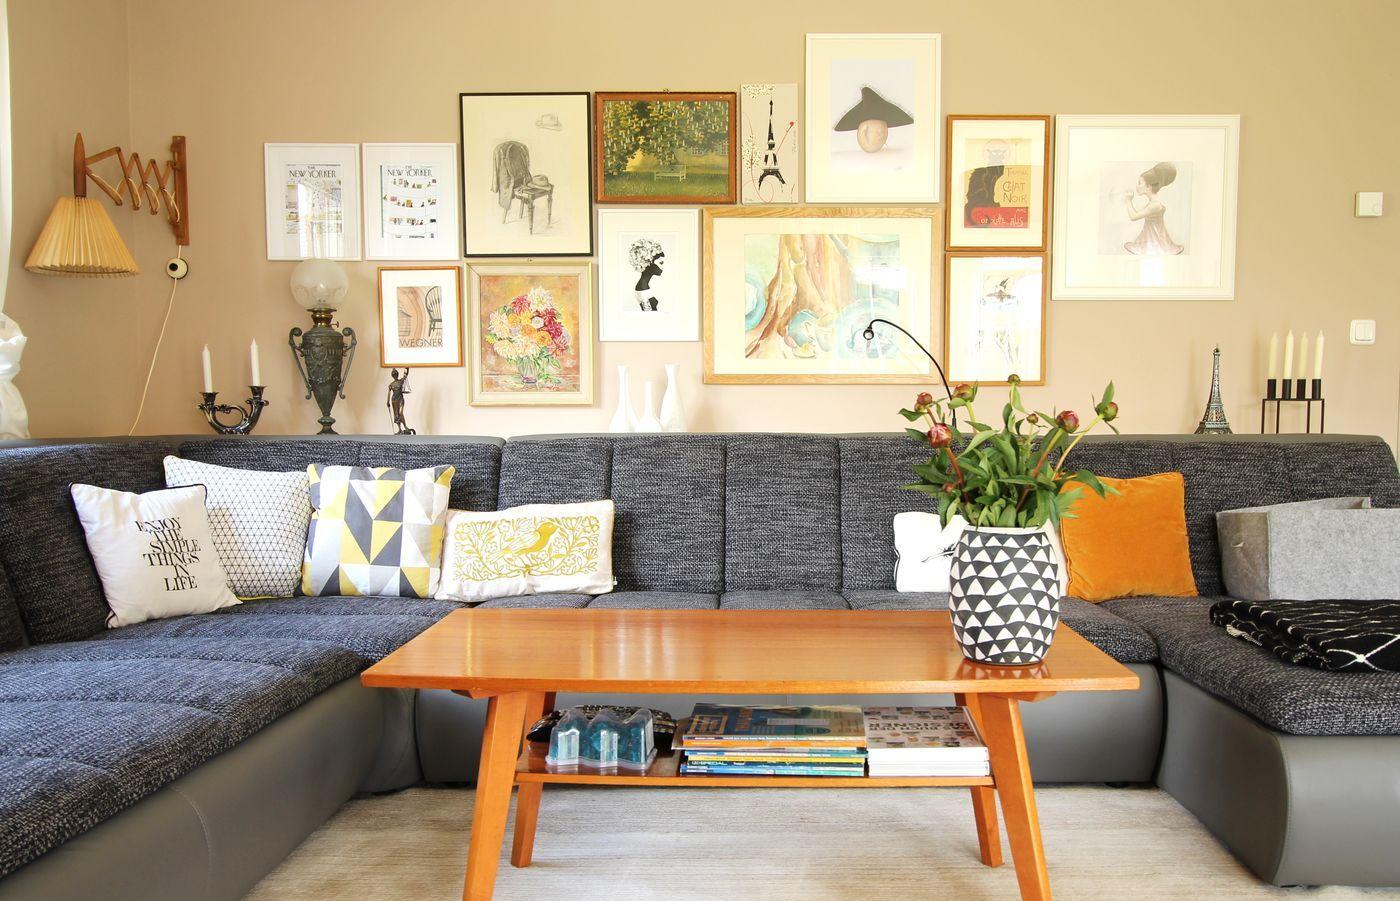 Die besten Ideen für die Wandgestaltung im Wohnzimmer - Seite 24